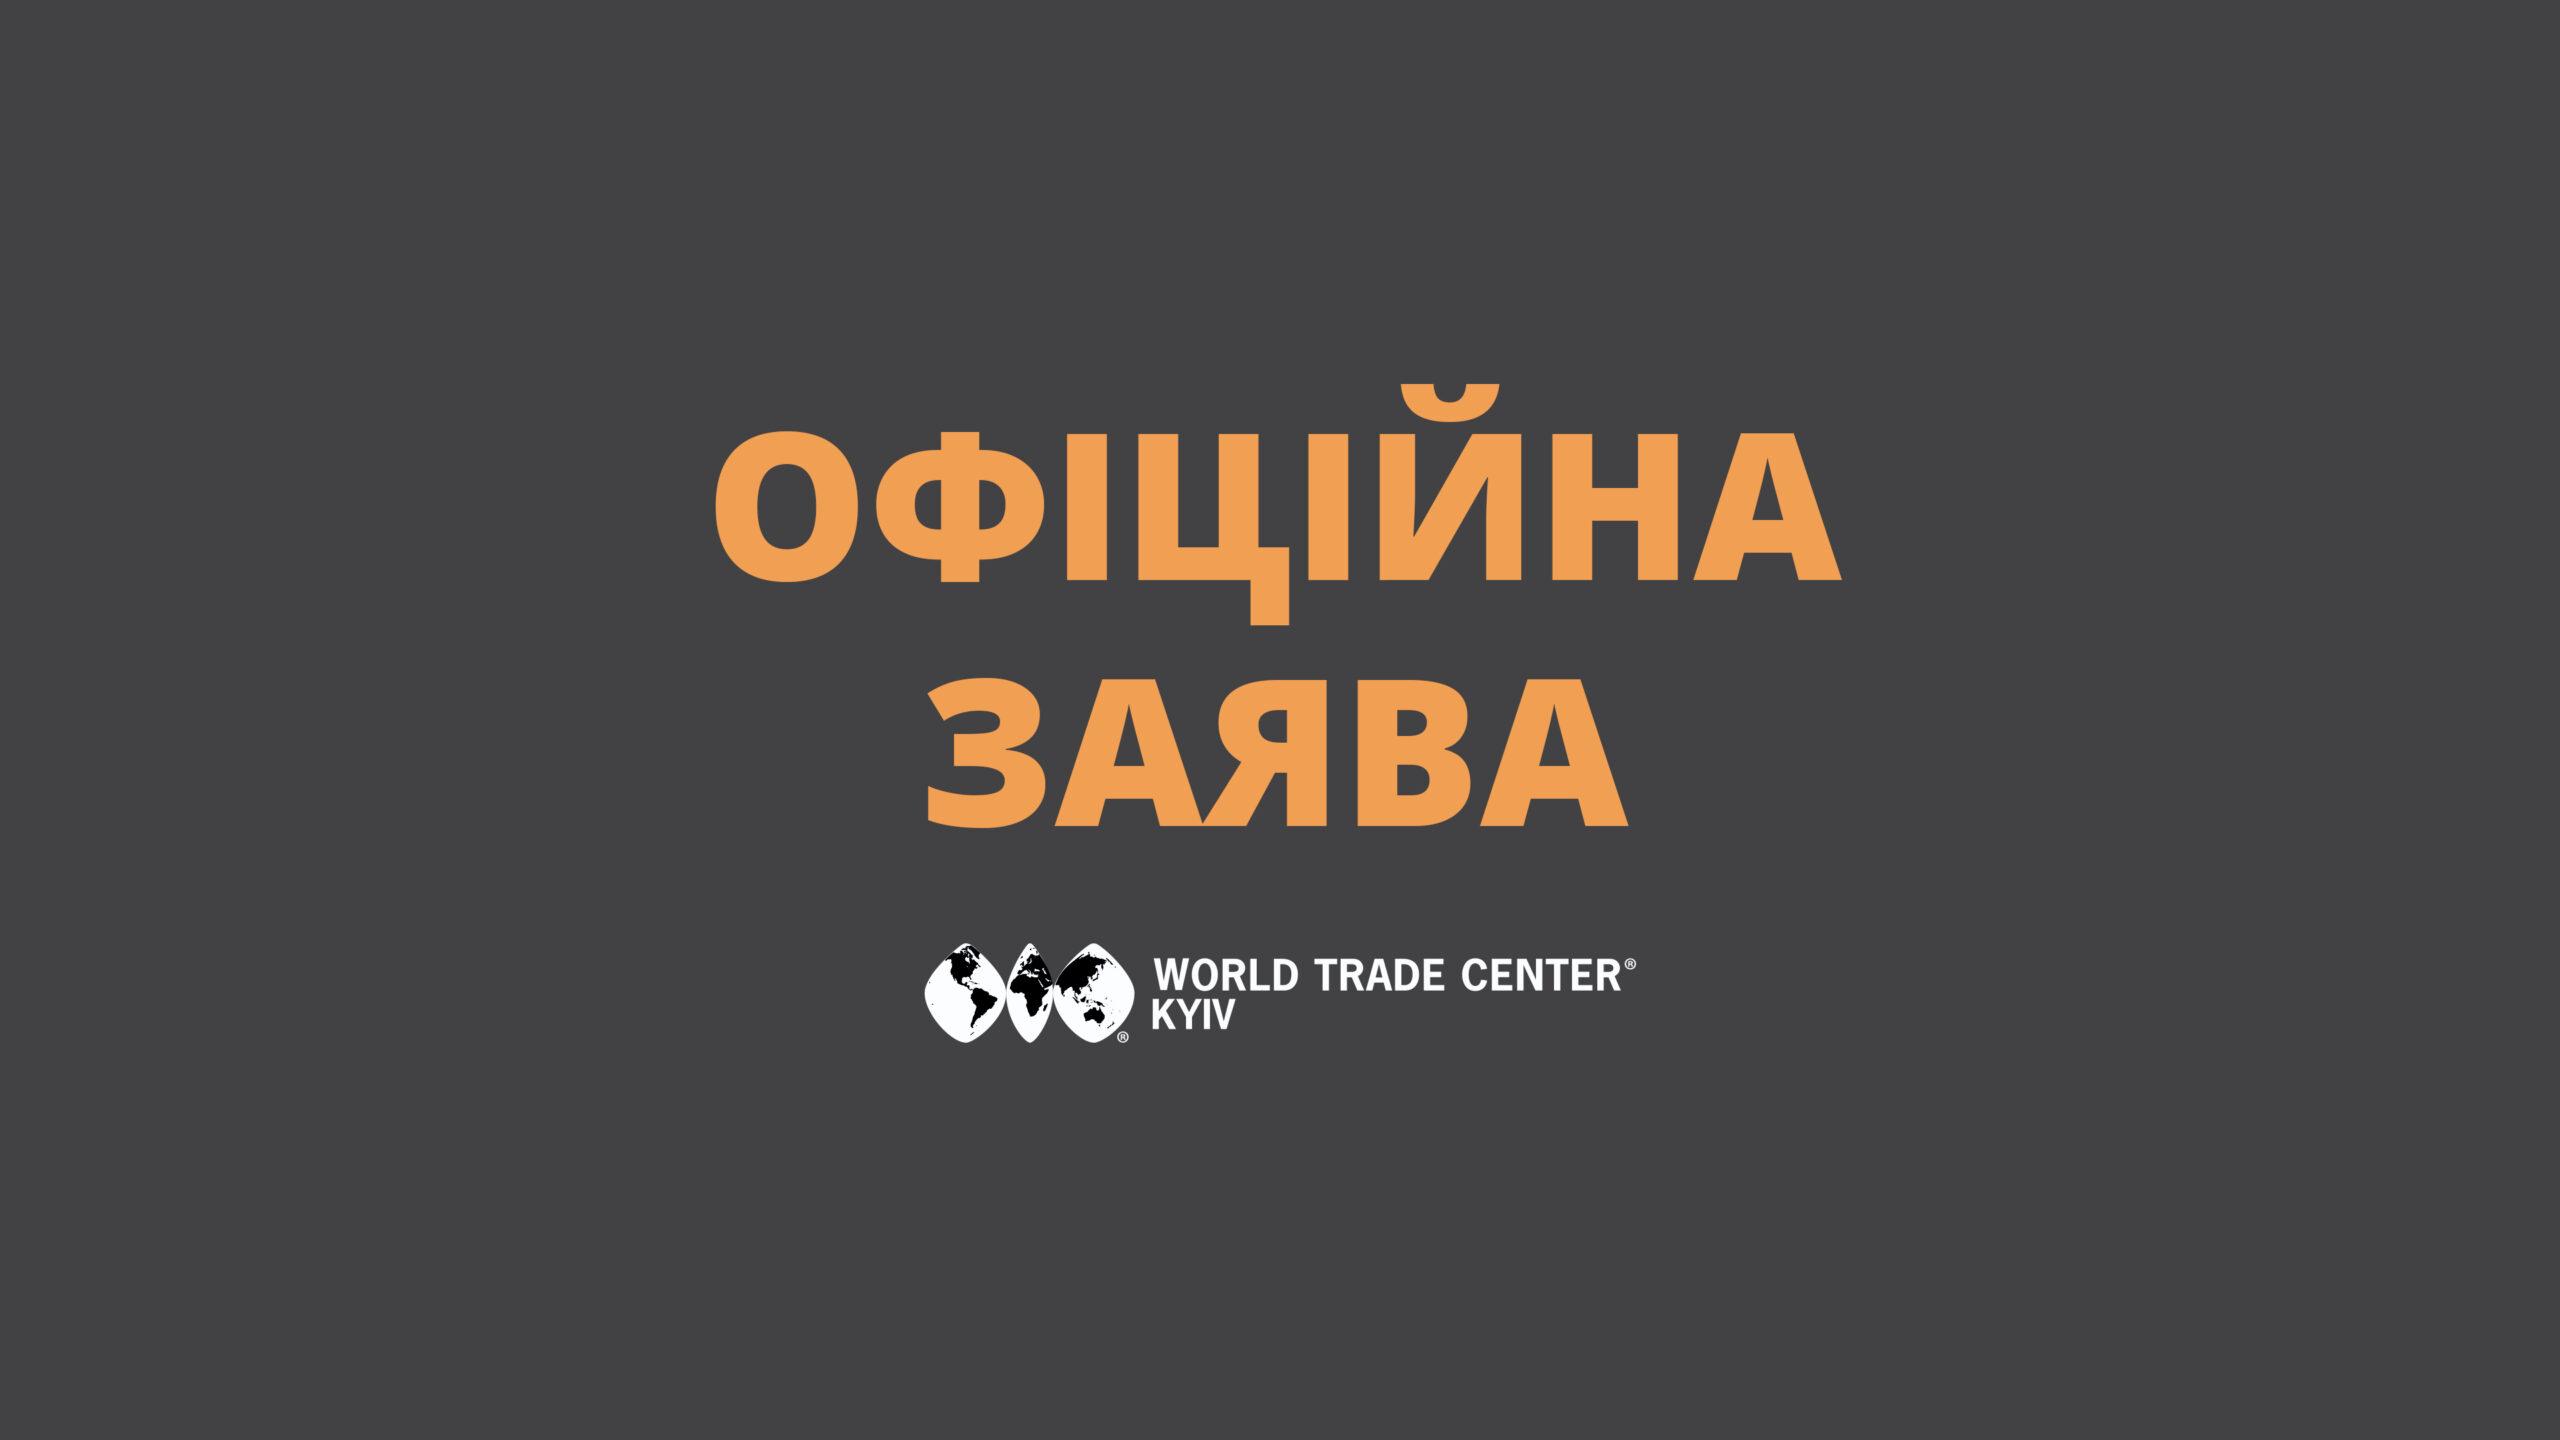 Повідомлення про позицію Генрі Штеренберга щодо ВТЦ Київ